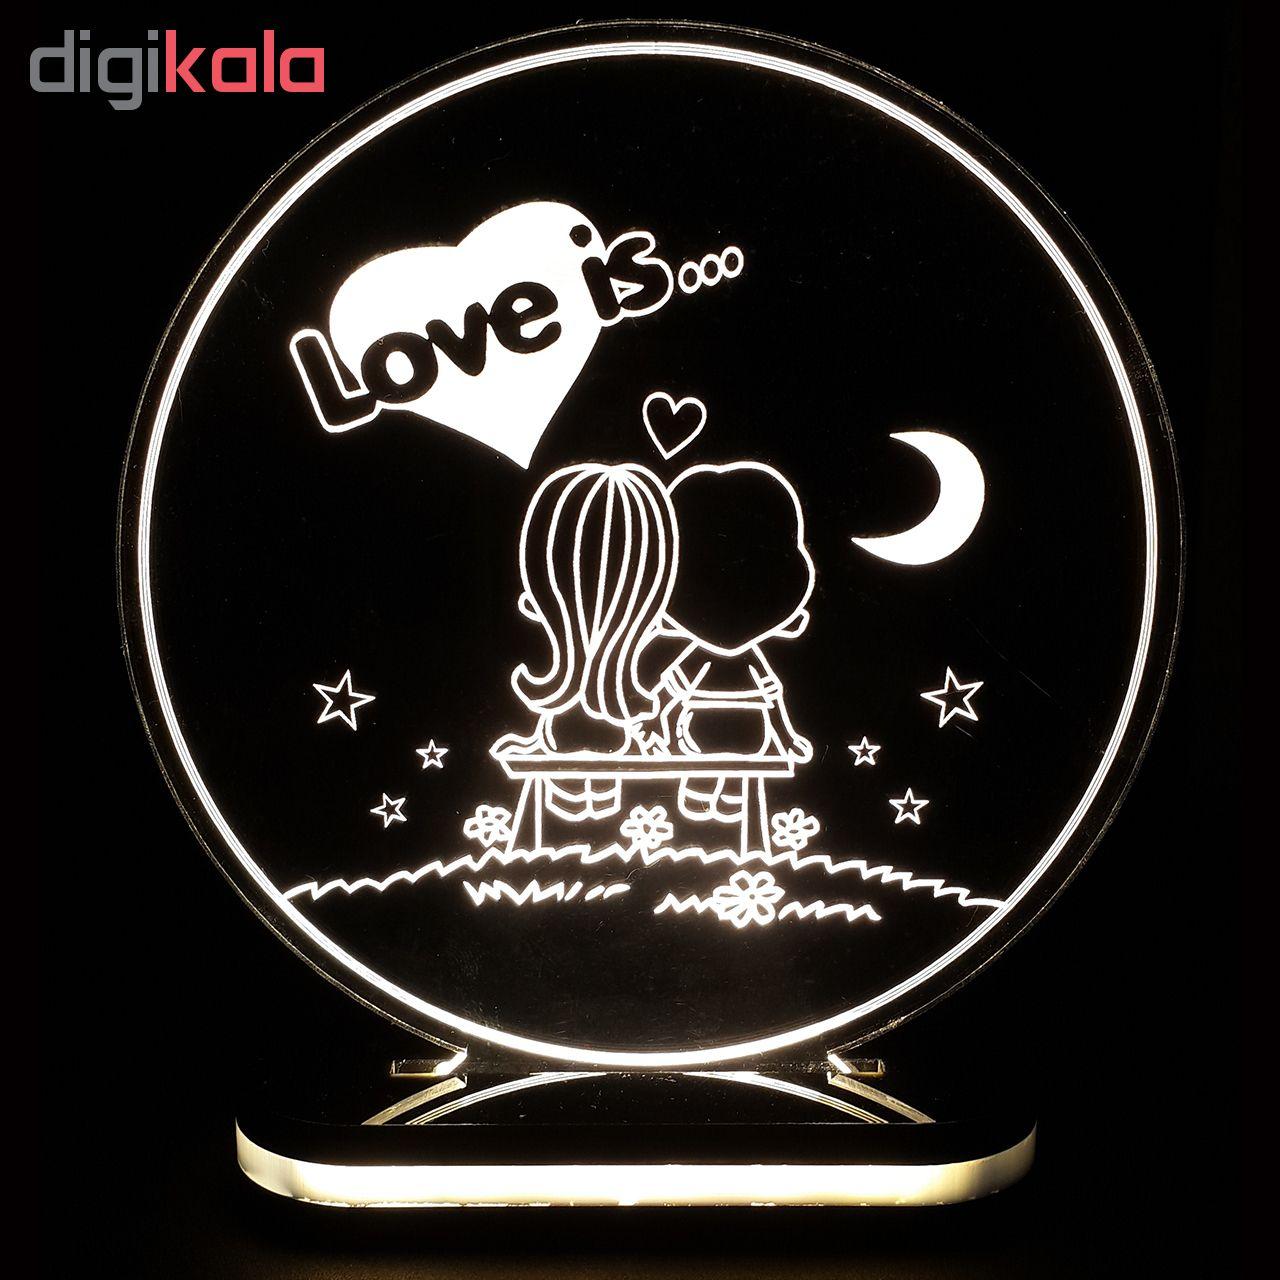 چراغ خواب طرح عشق است کد 1011